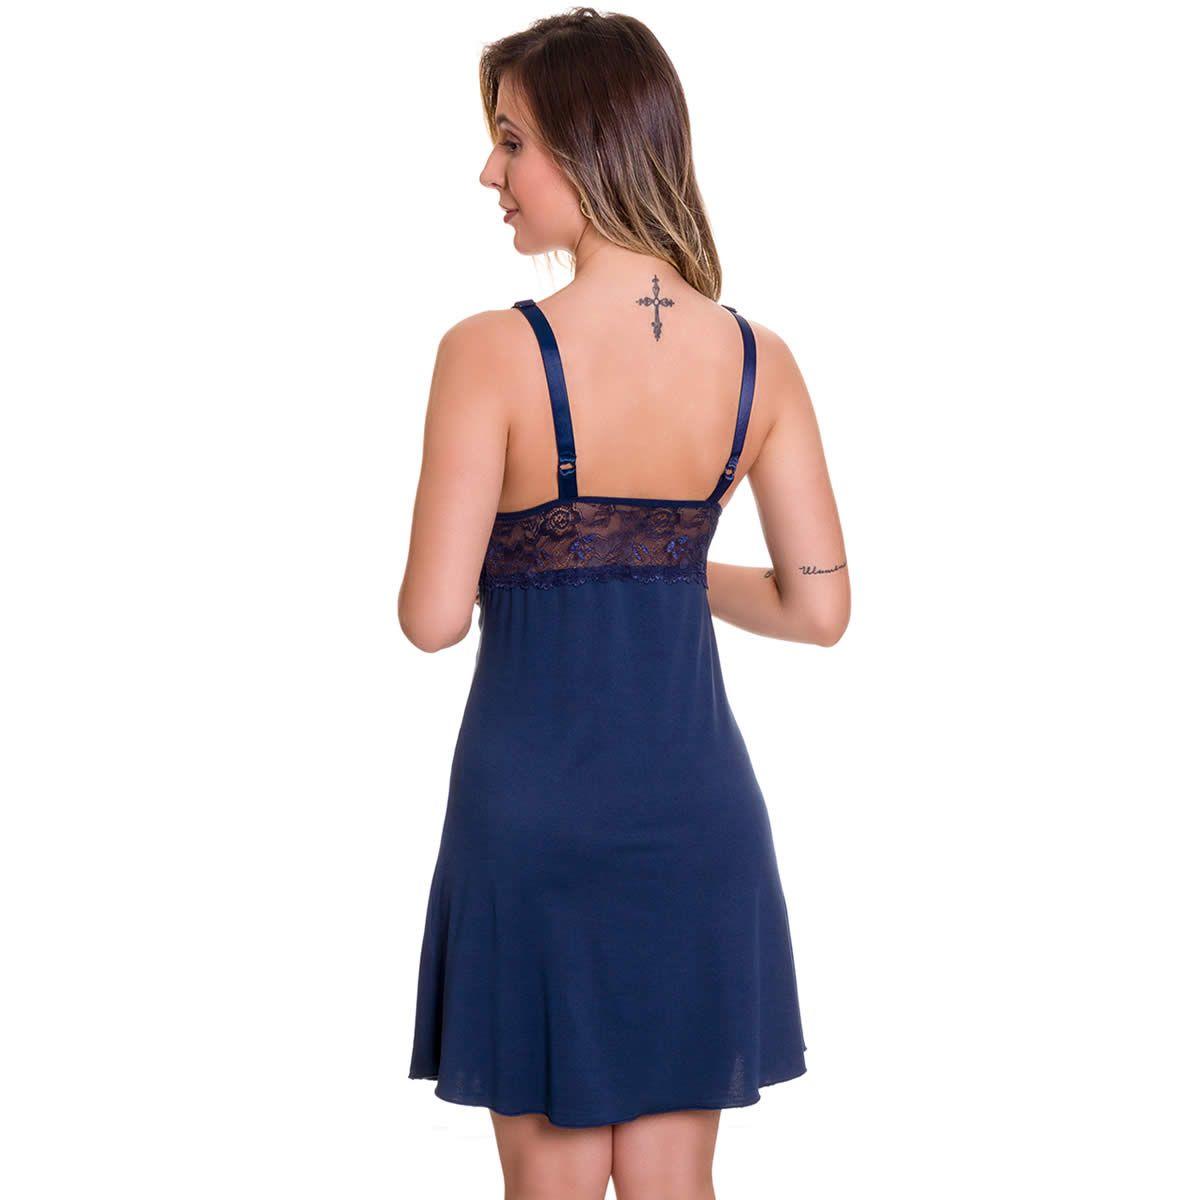 Camisola Amamentação em Microfibra e Renda Rosa Lilás ou Azul Marinho - ES206